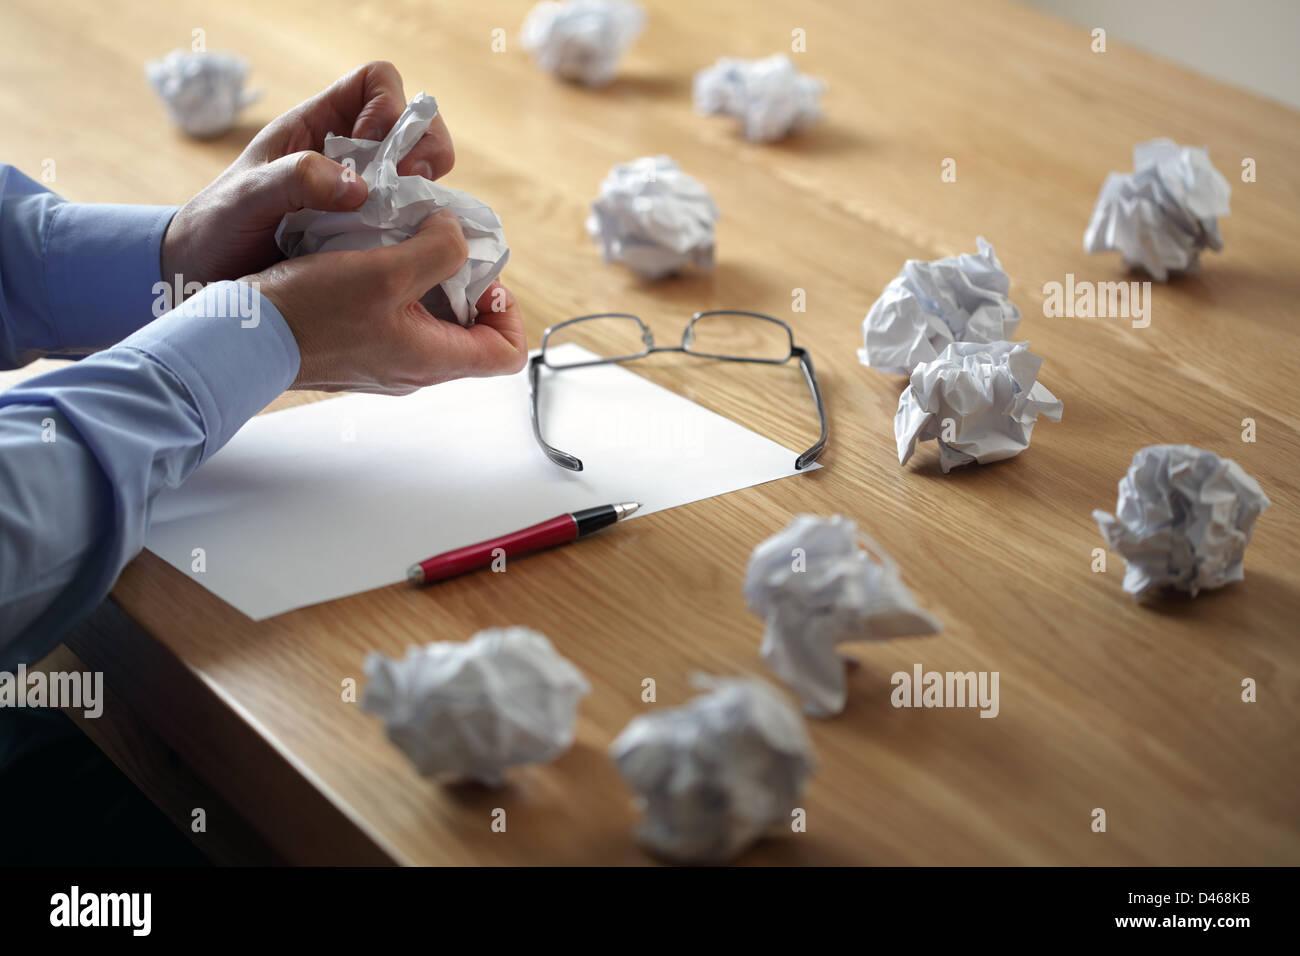 El estrés y la frustración del bloque de escritores Imagen De Stock